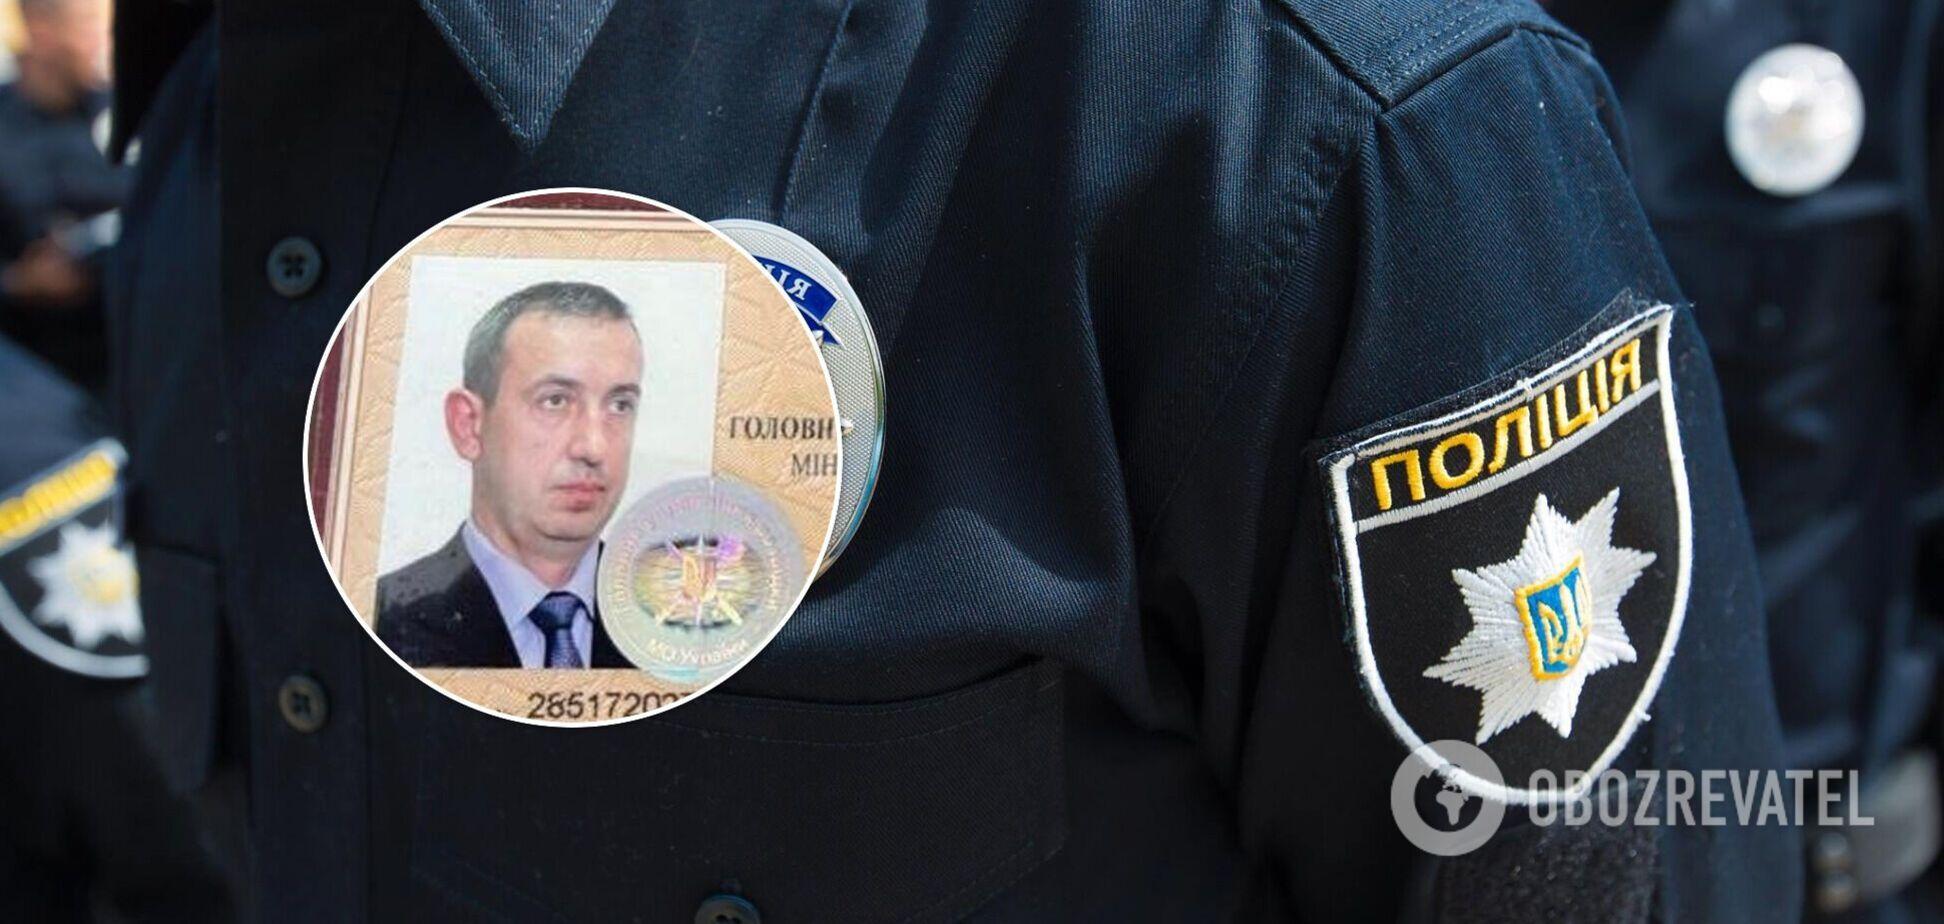 Названо прізвище офіцера ГУР, який підстрелив дитину на Житомирщині. Фото і деталі справи